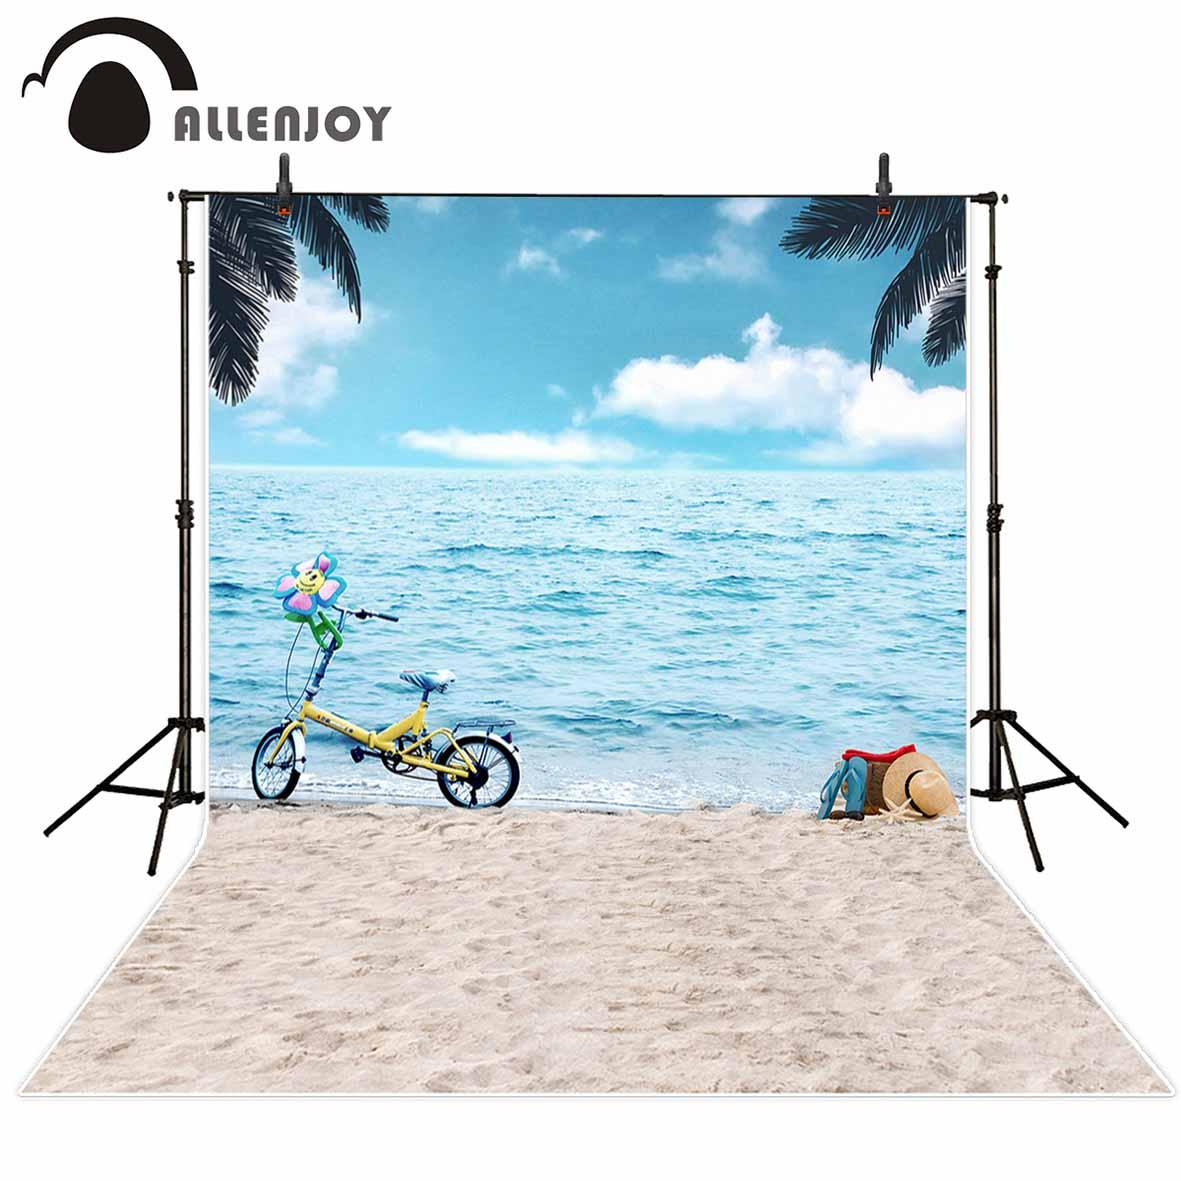 Doelbewust Allenjoy Achtergronden Voor Fotostudio Strand Zomer Gelukkig Blauwe Hemel Zon Fiets Holiday Photo Studio Photocall Hoge Kwaliteit Foto